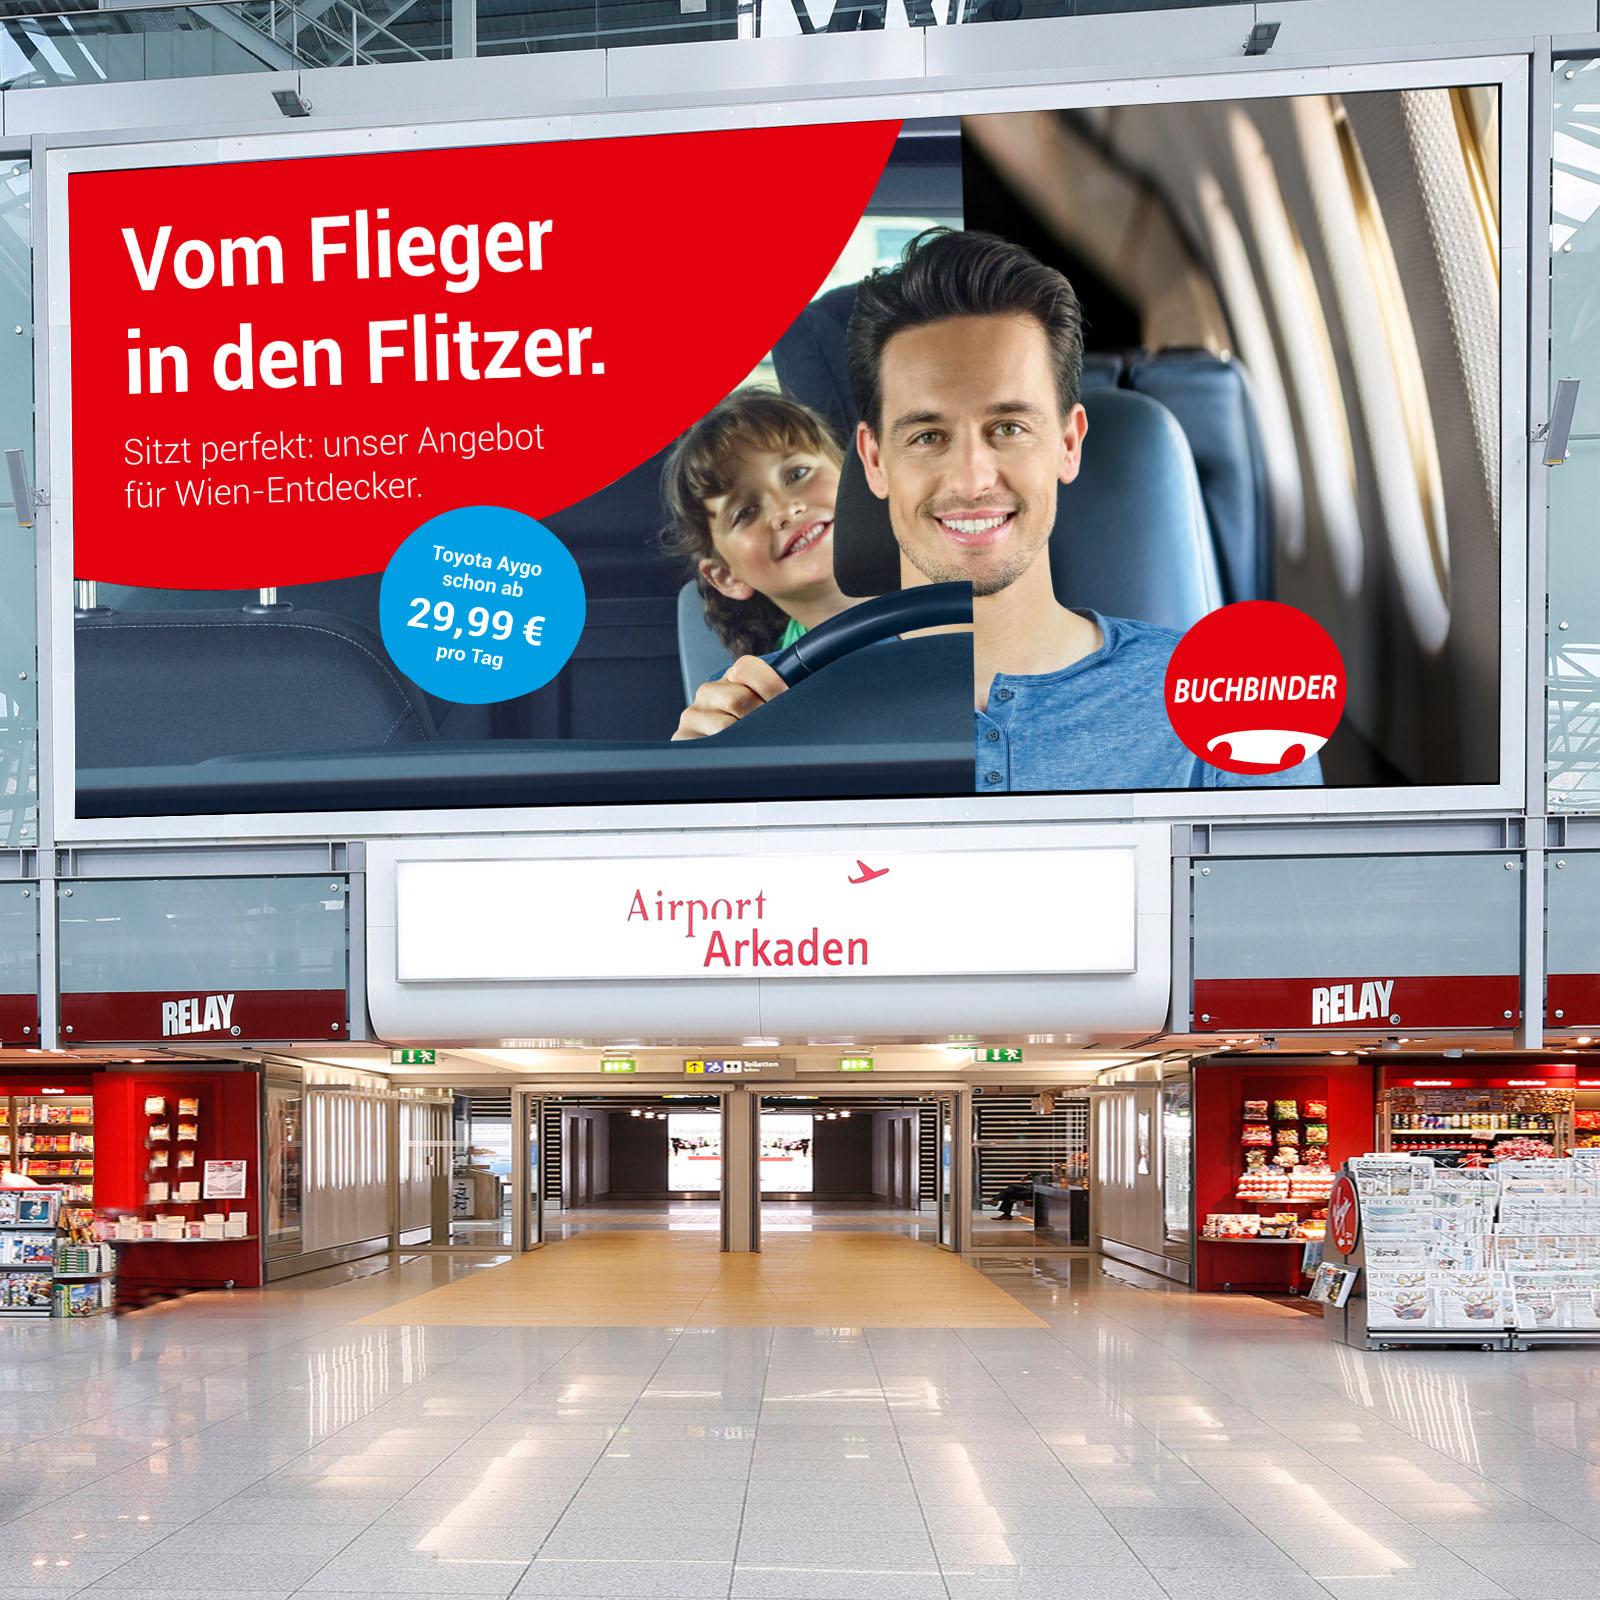 Studio-51|Buchbinder|Großformat|Großformatwerbung|Werbung|Flughafenwerbung|Flughafen|Plakat|Plakatwerbung|50MioPixel|50MillionenPixel|Transporter|Design|Fotografie